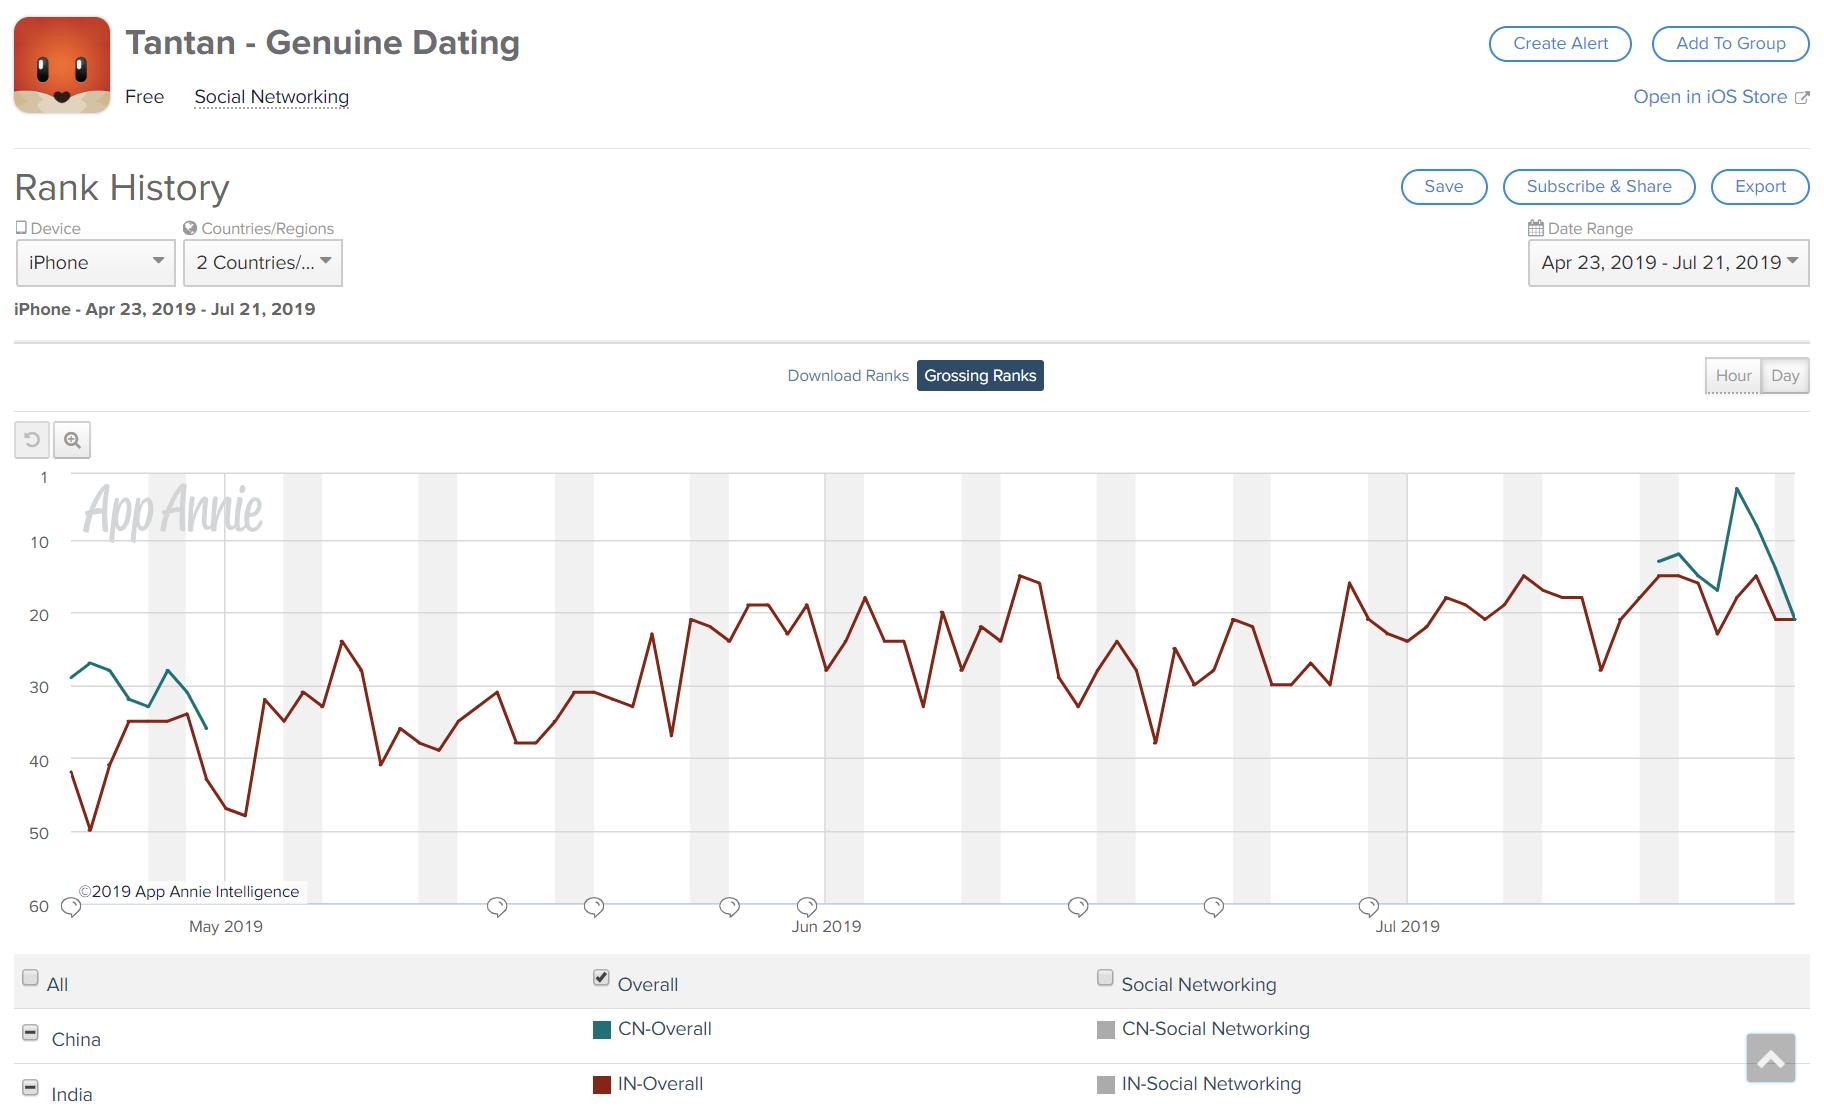 Momo: Tantan Is Back With A Bang - Momo Inc  (NASDAQ:MOMO) | Seeking